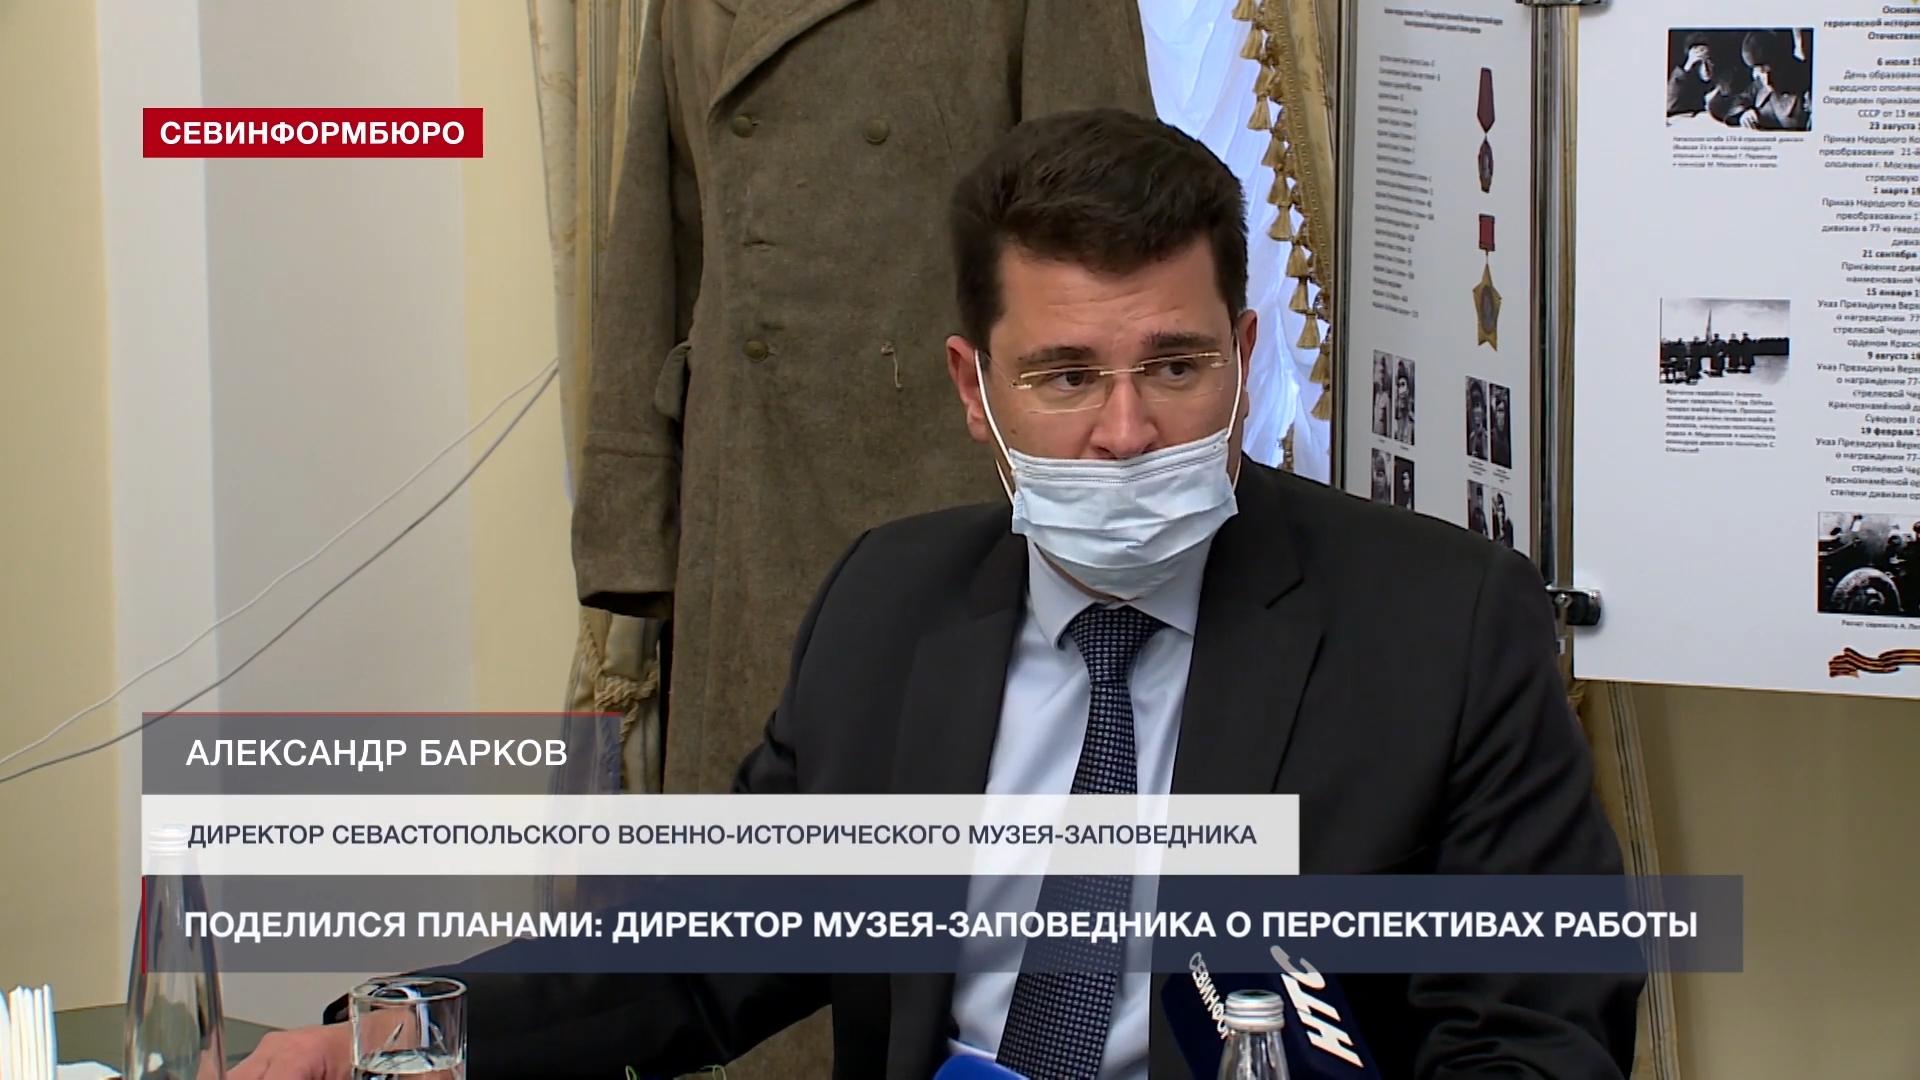 20201022_17-49-Новый директор Севастопольского музея-заповедника намерен изменить название учреждения-pic2